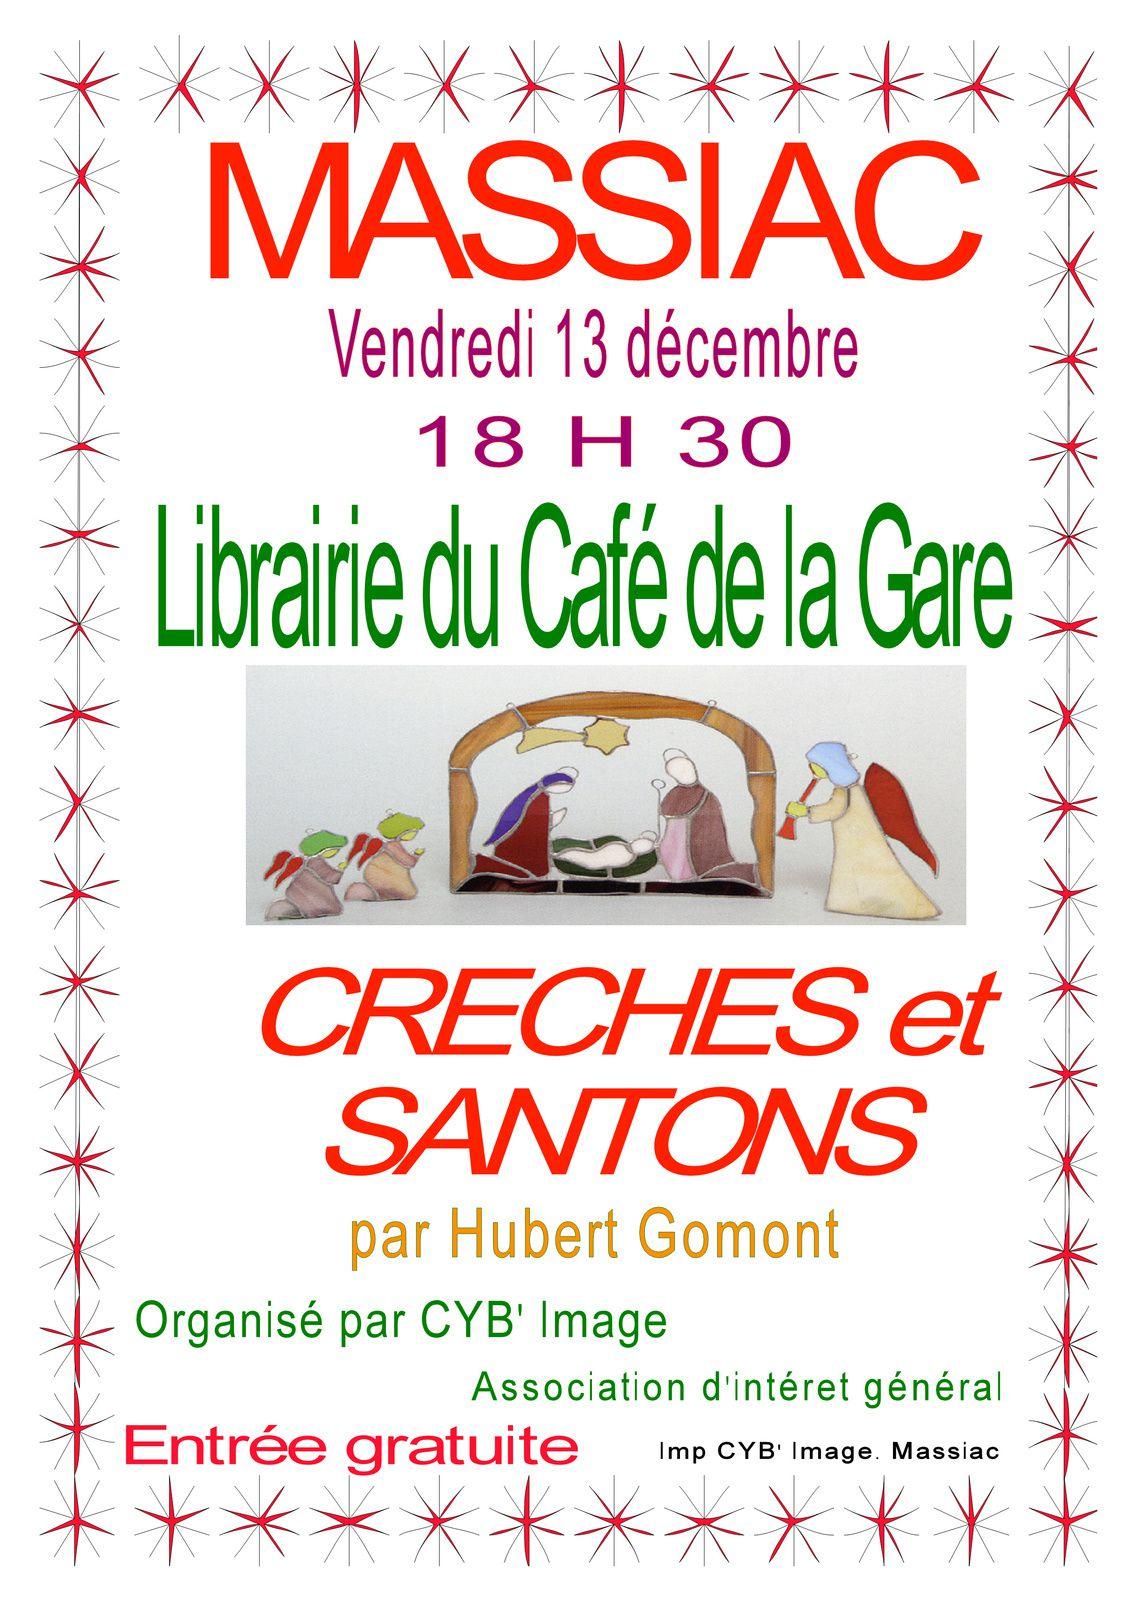 Massiac : Creches et Santons à la librairie café de la gare